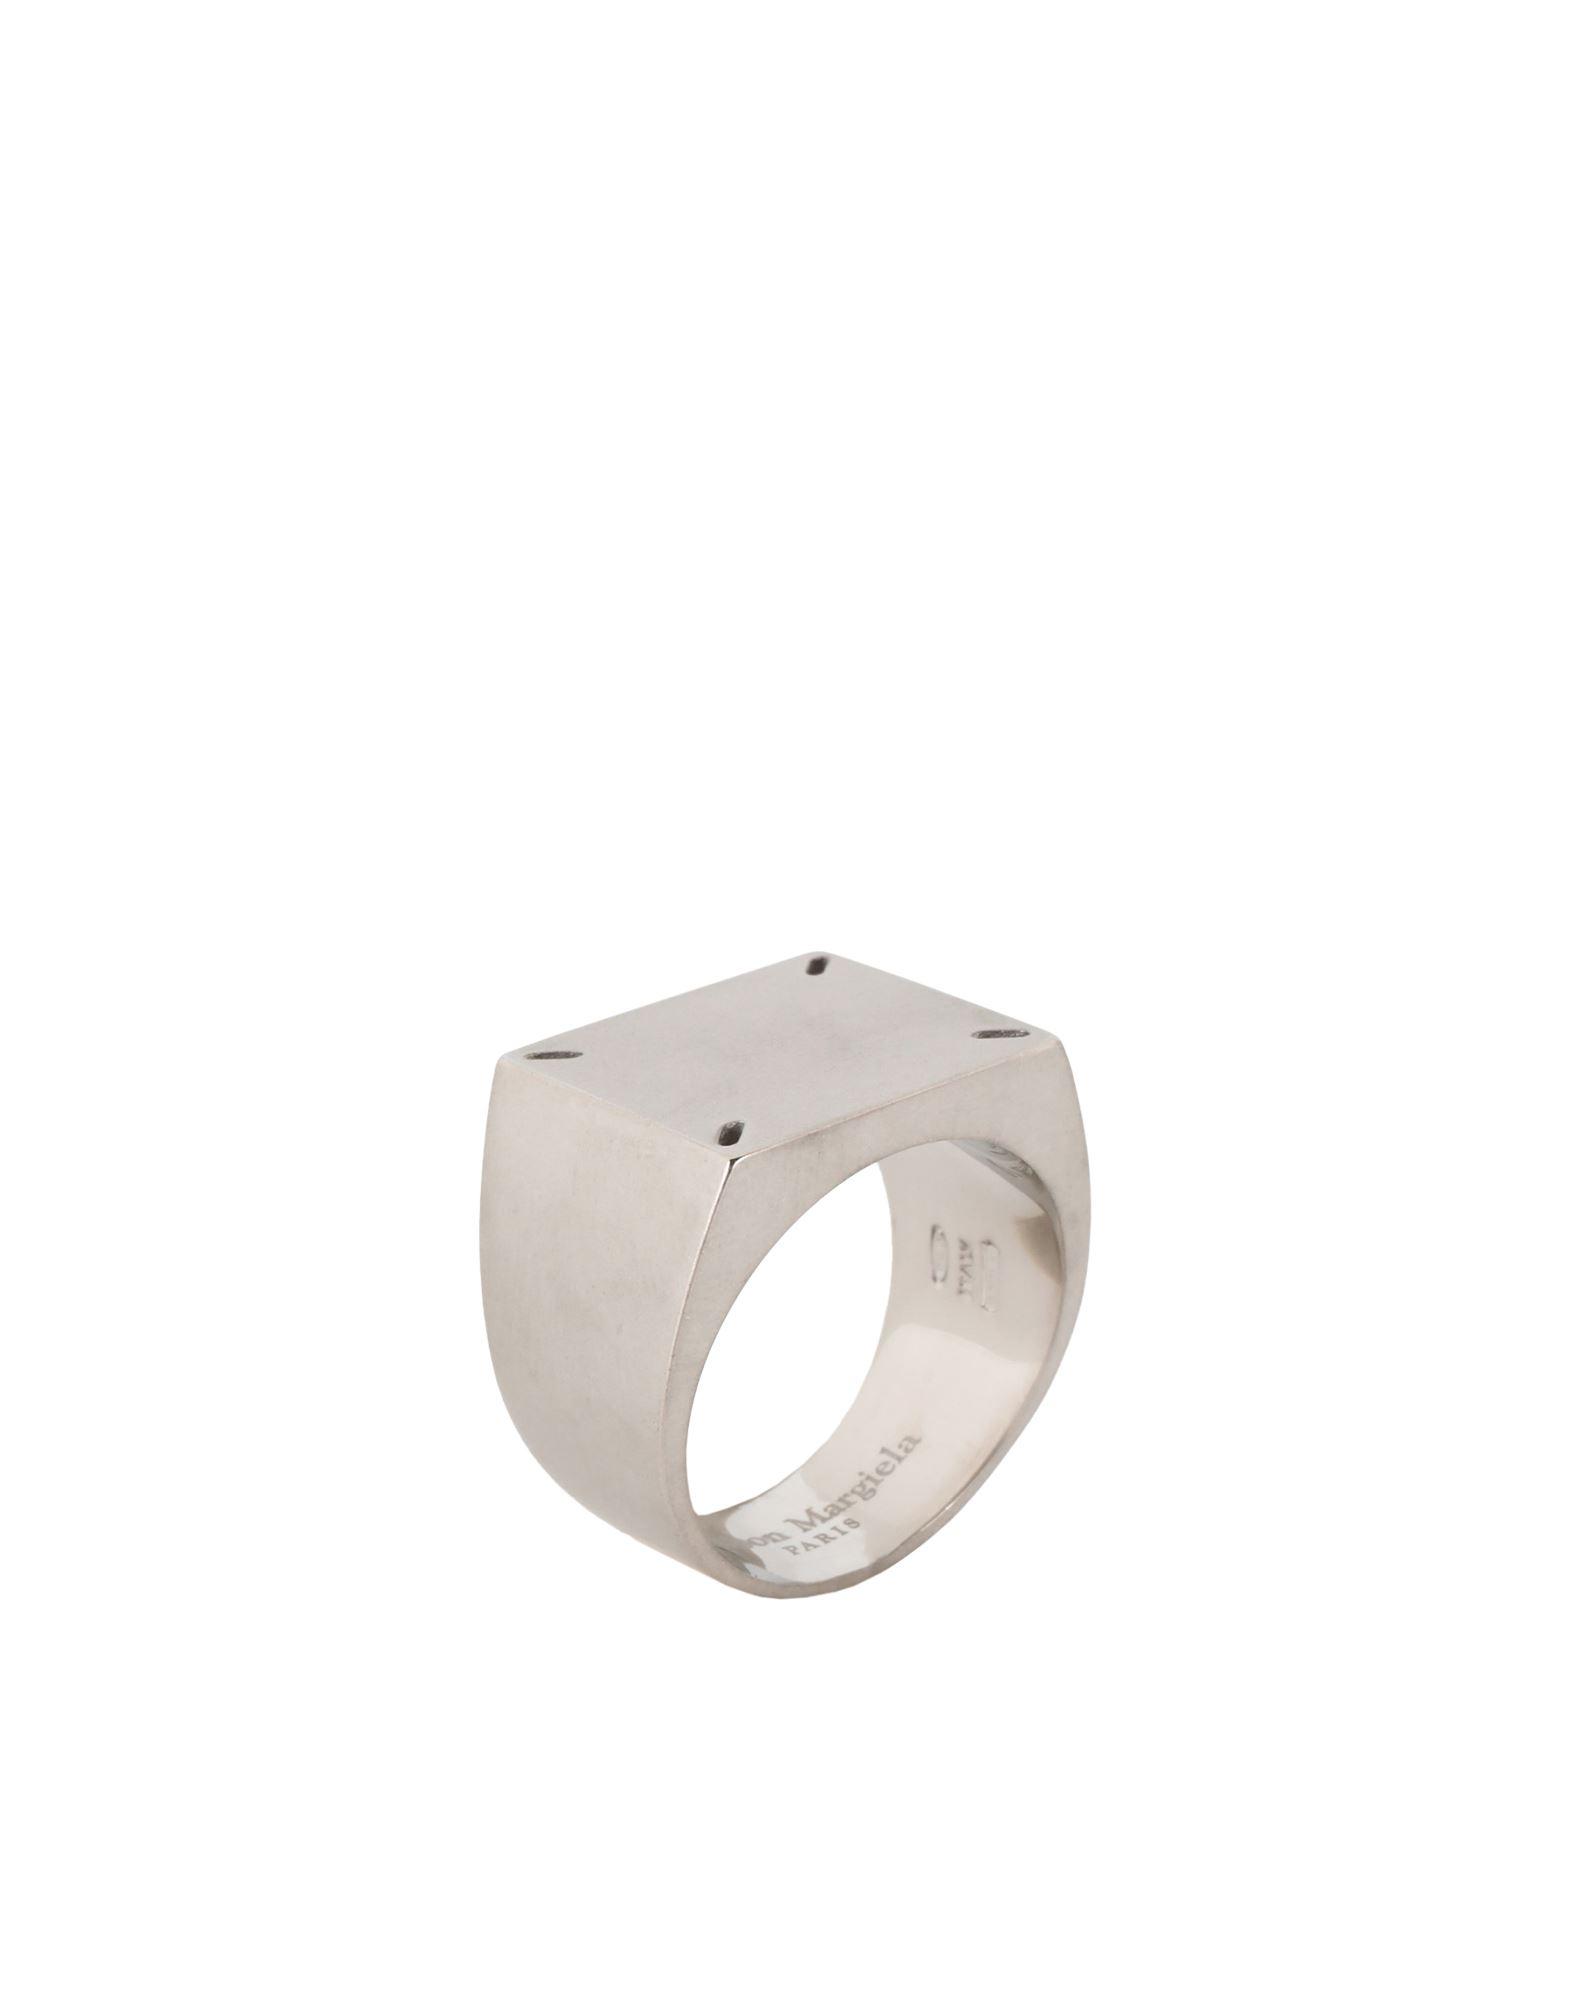 《セール開催中》MAISON MARGIELA メンズ 指輪 シルバー L シルバー925/1000 100%